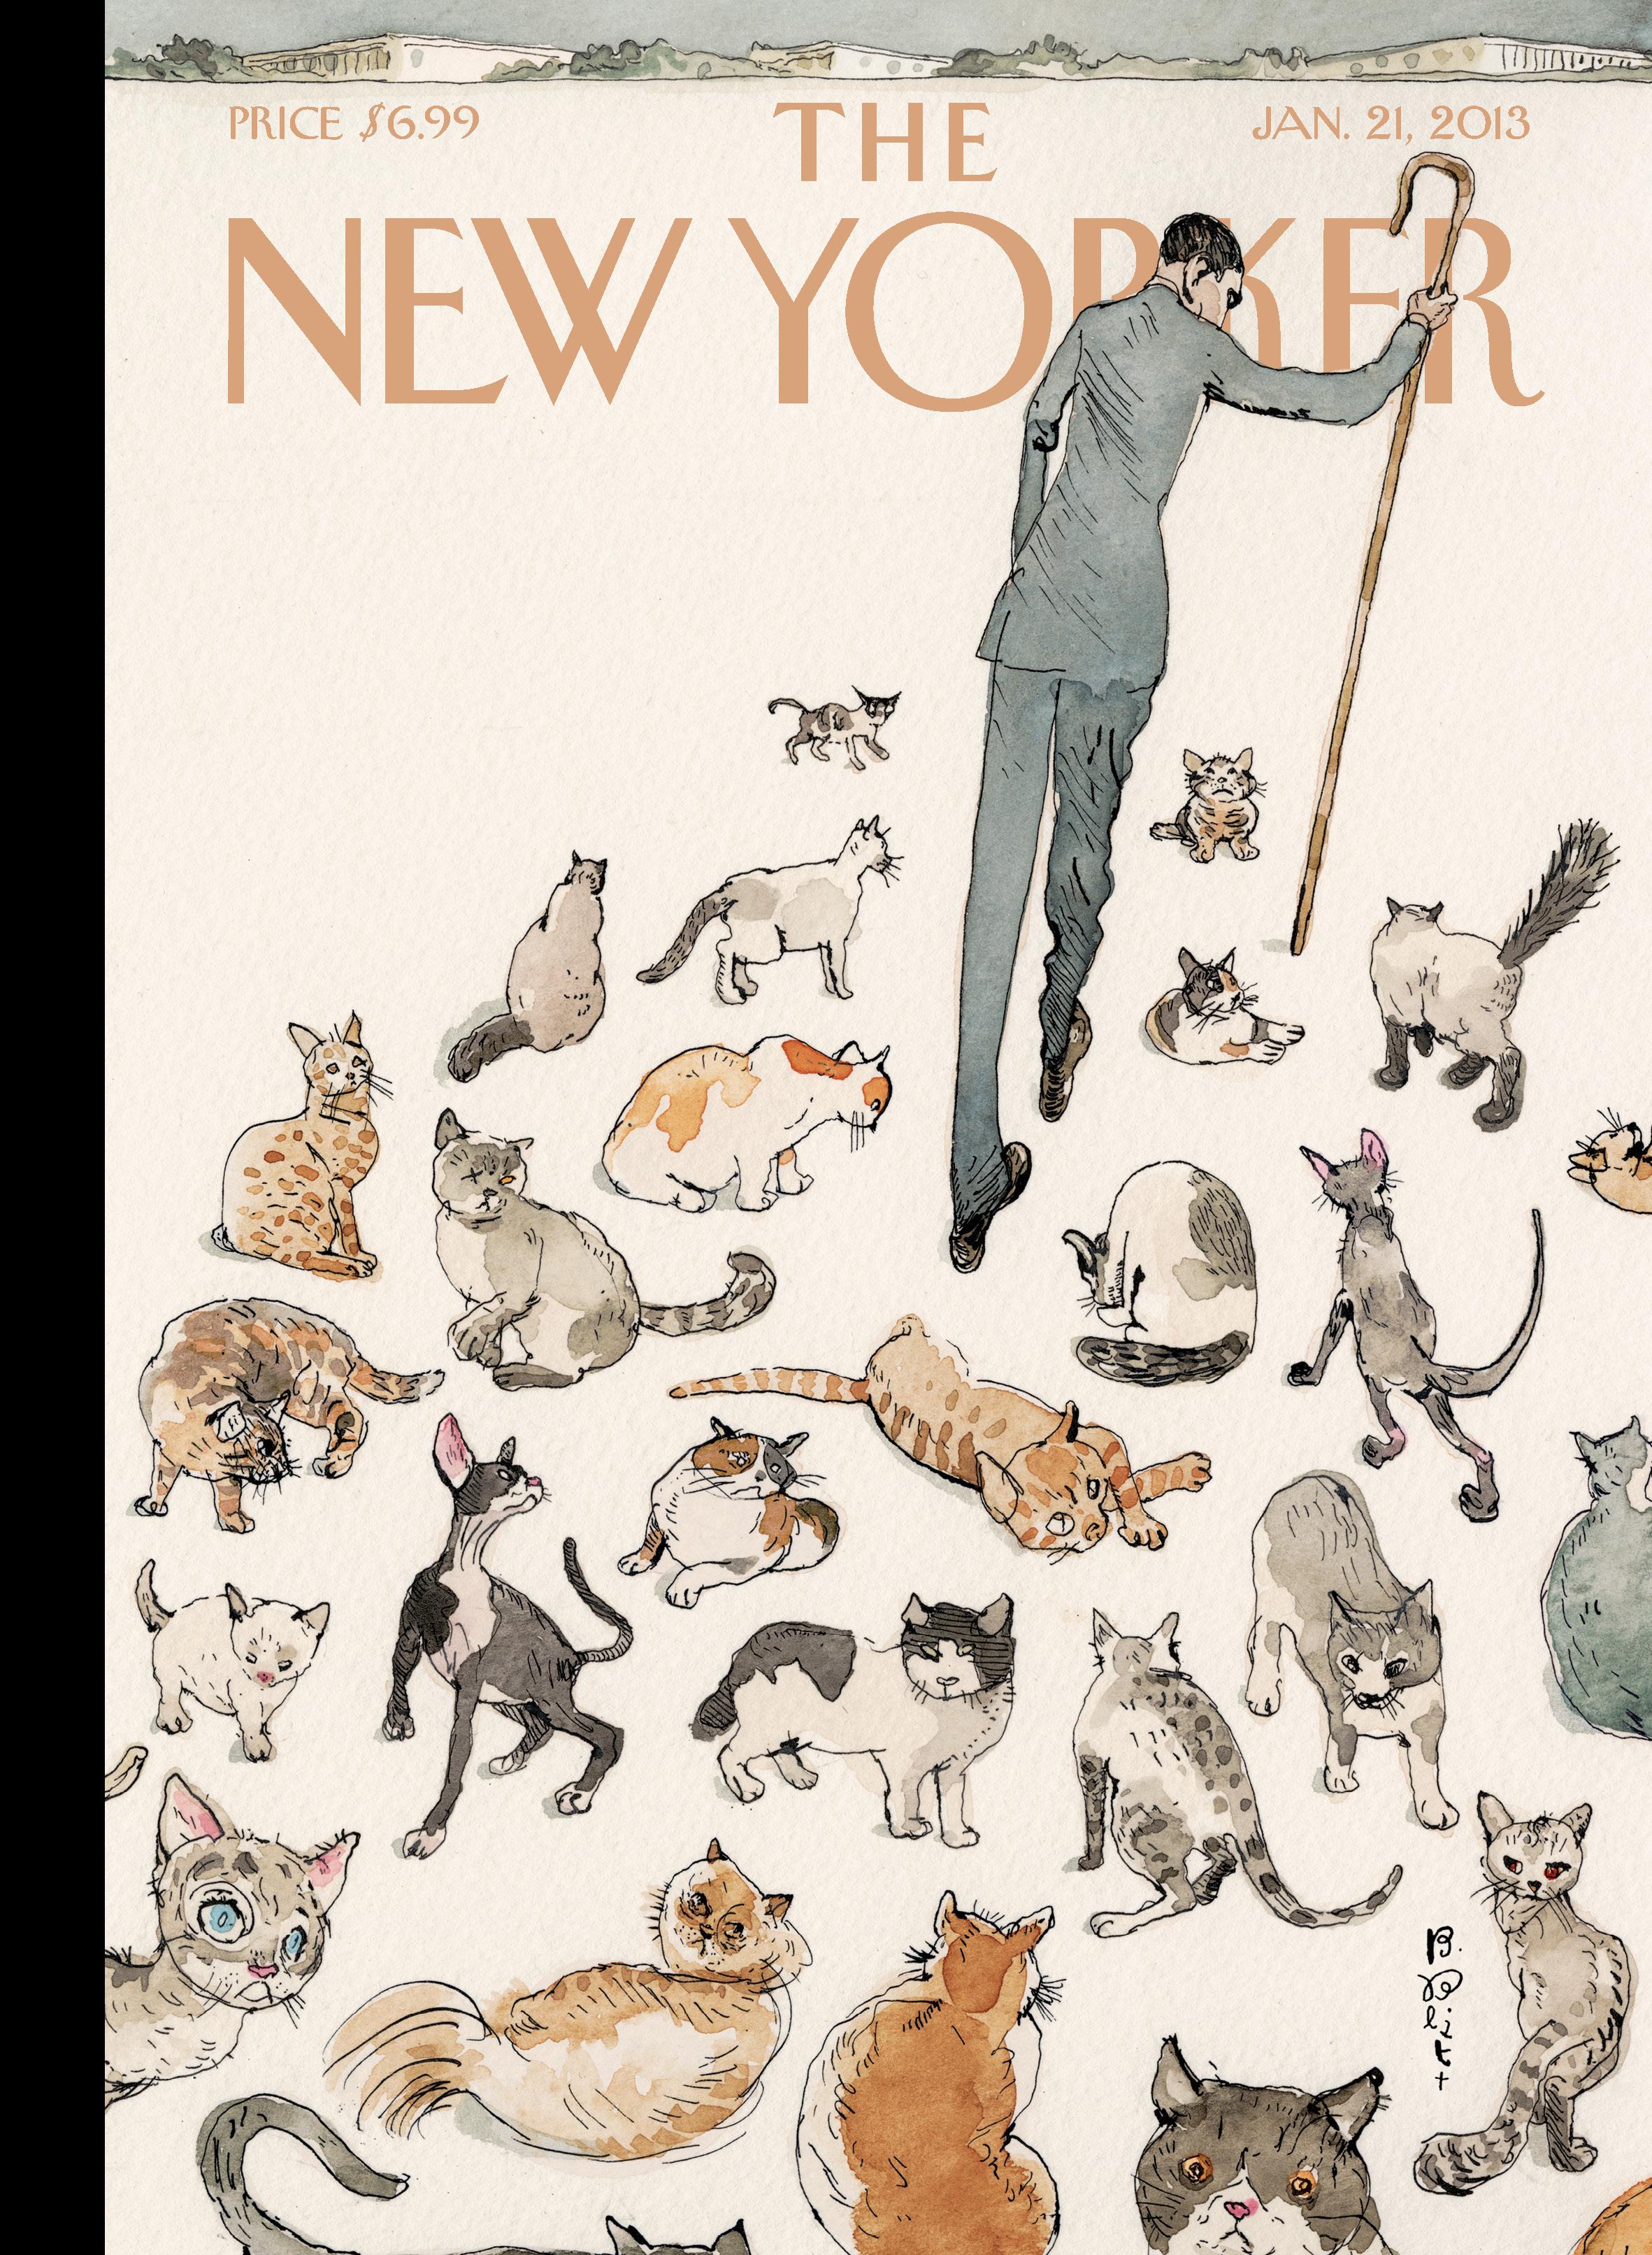 2013_01_28_Blitt_Herding_Cats.jpg